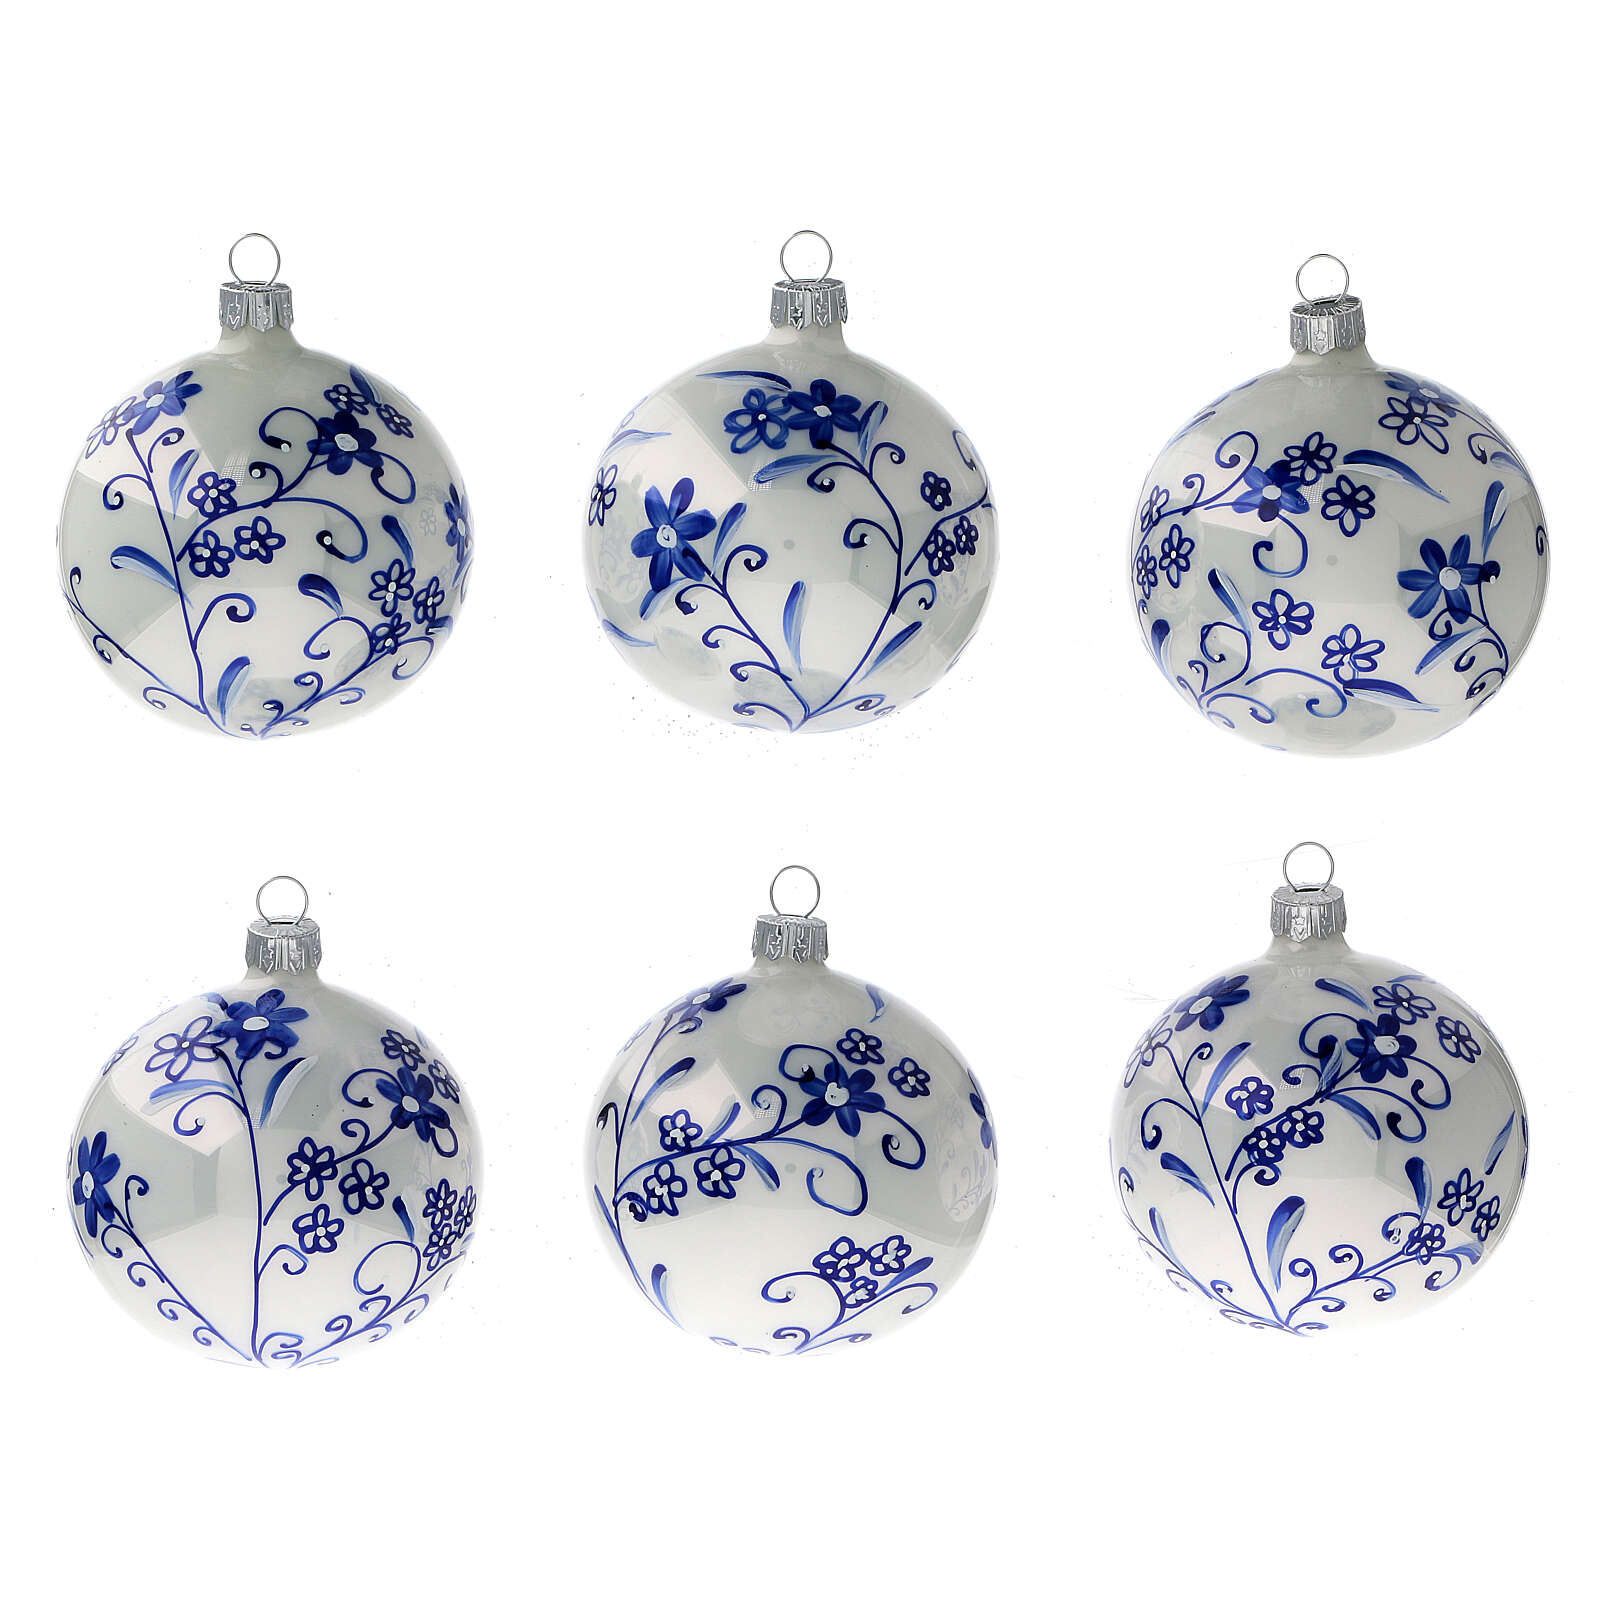 Décoration sapin Noël verre soufflé blanc fleurs bleues 80 mm 6 pcs 4